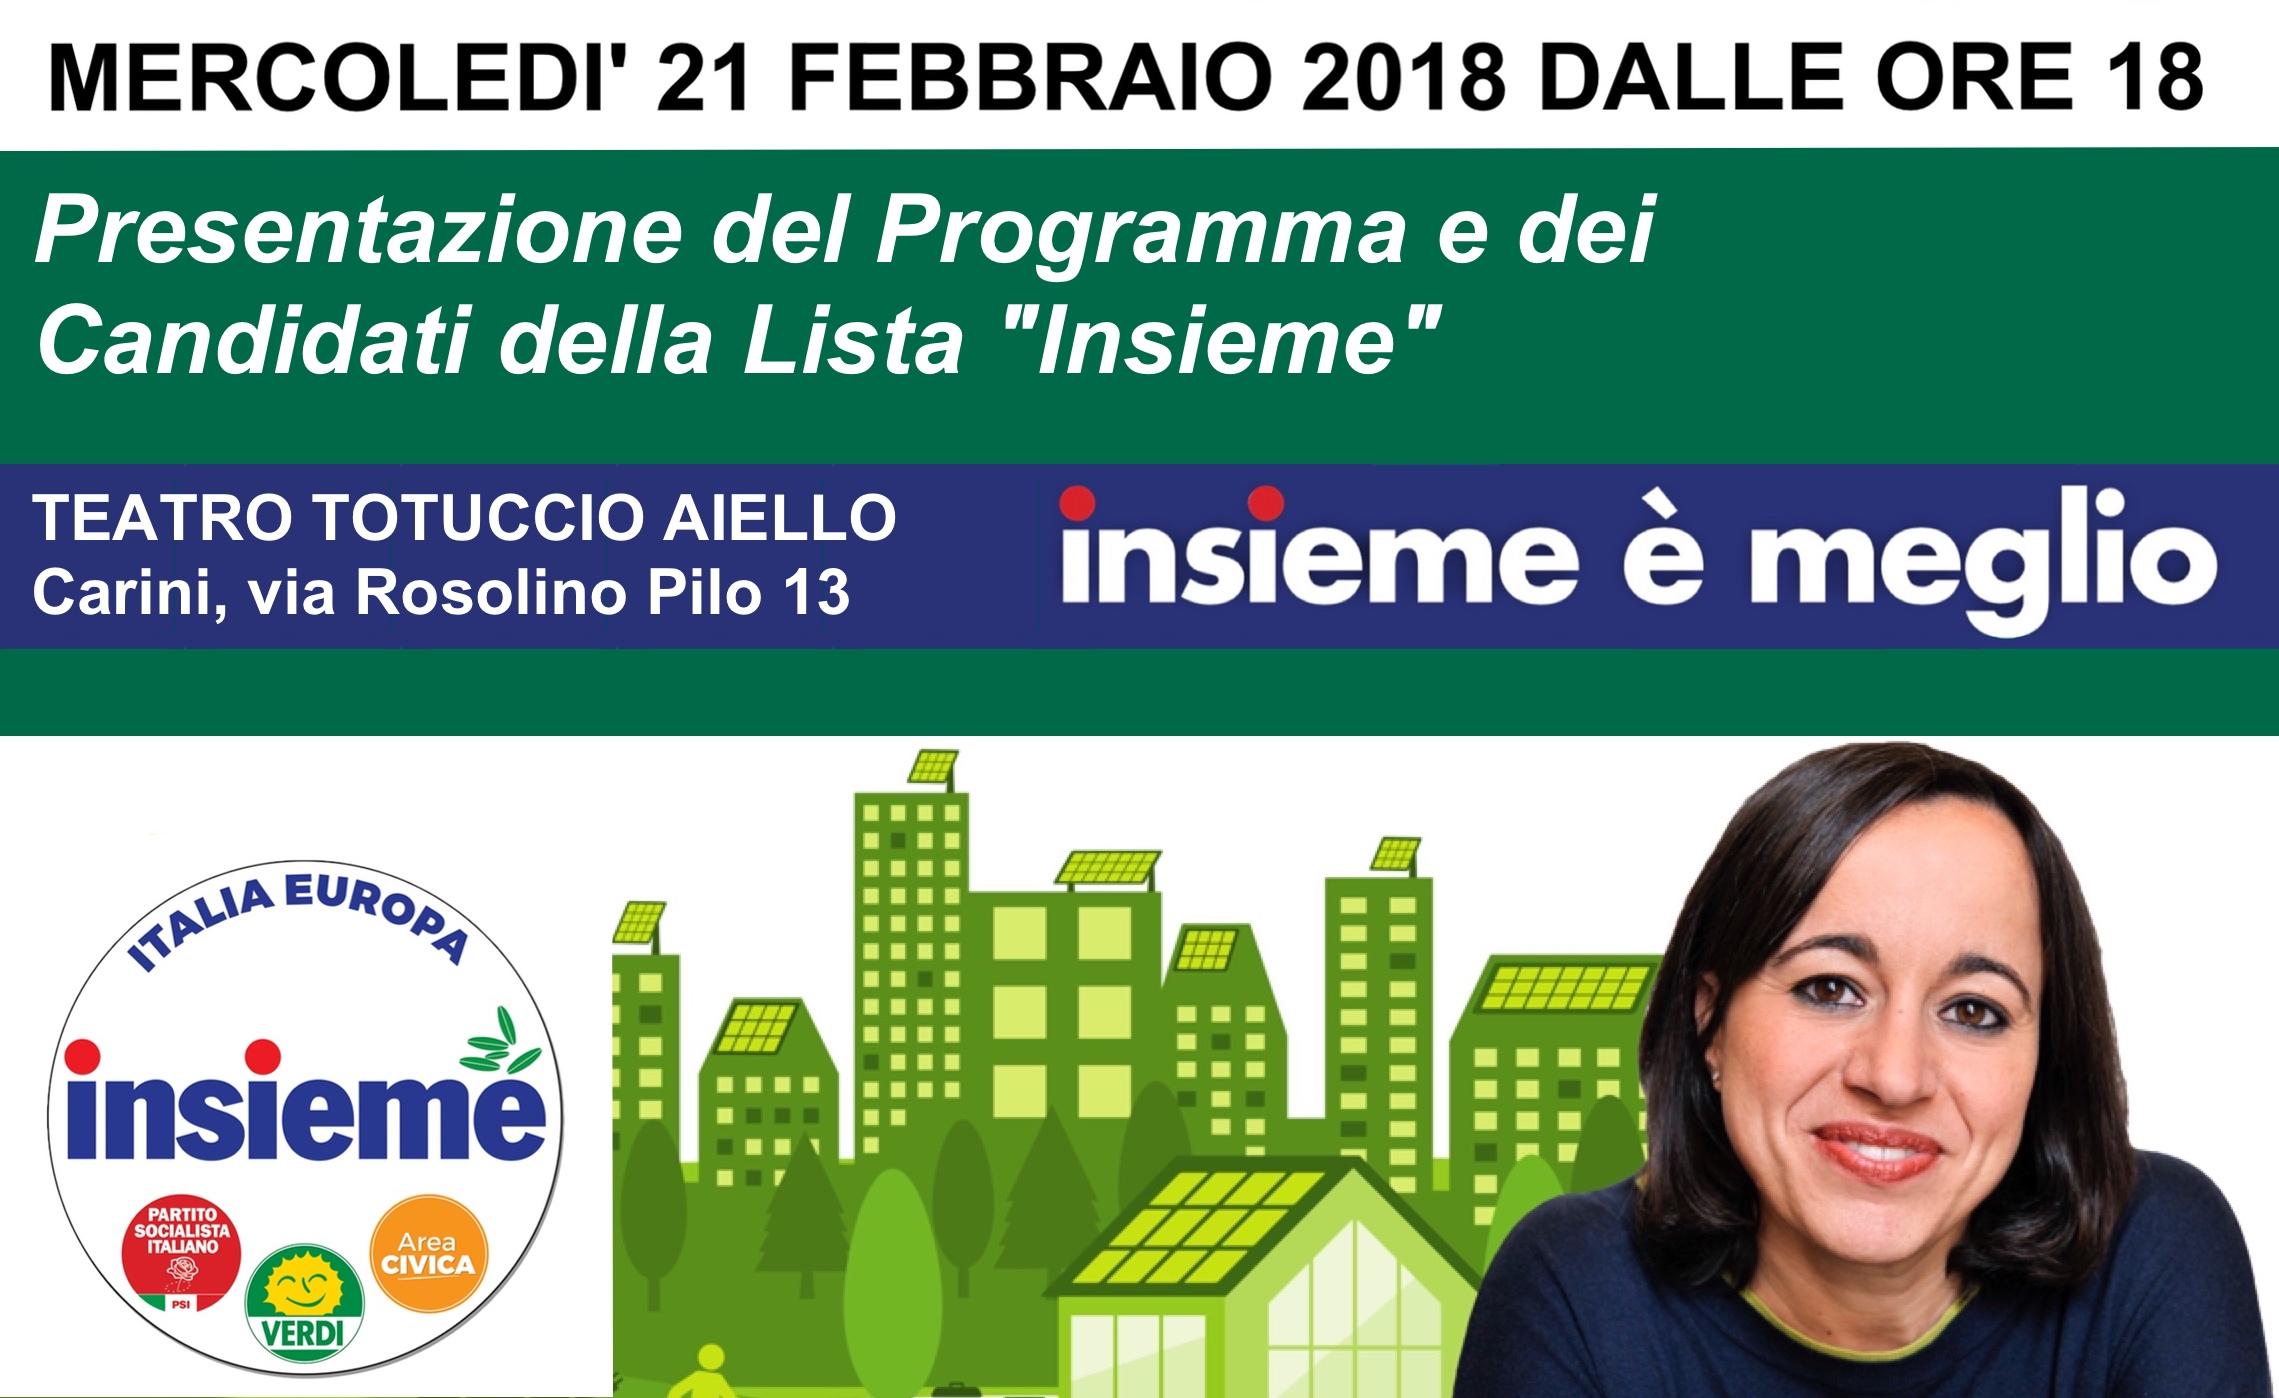 Presentazione del programma e dei candidati di insieme a for Insieme del programma della casa